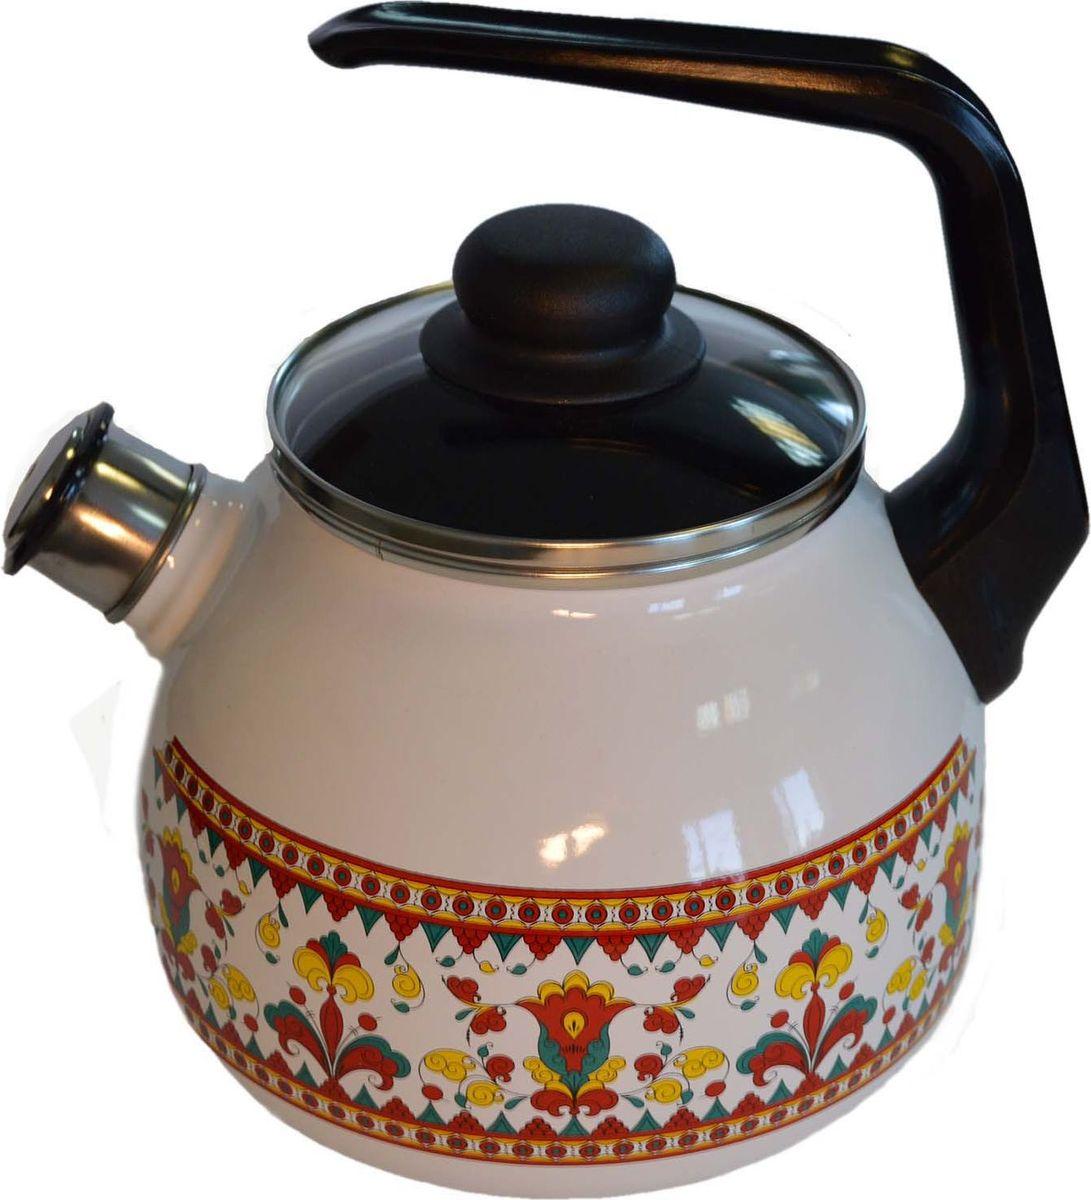 Чайник Appetite Карусель, со свистком, 3 л. 4с209я4с209яЧайник объем 3,0л со свистком Карусель материал: эмаль